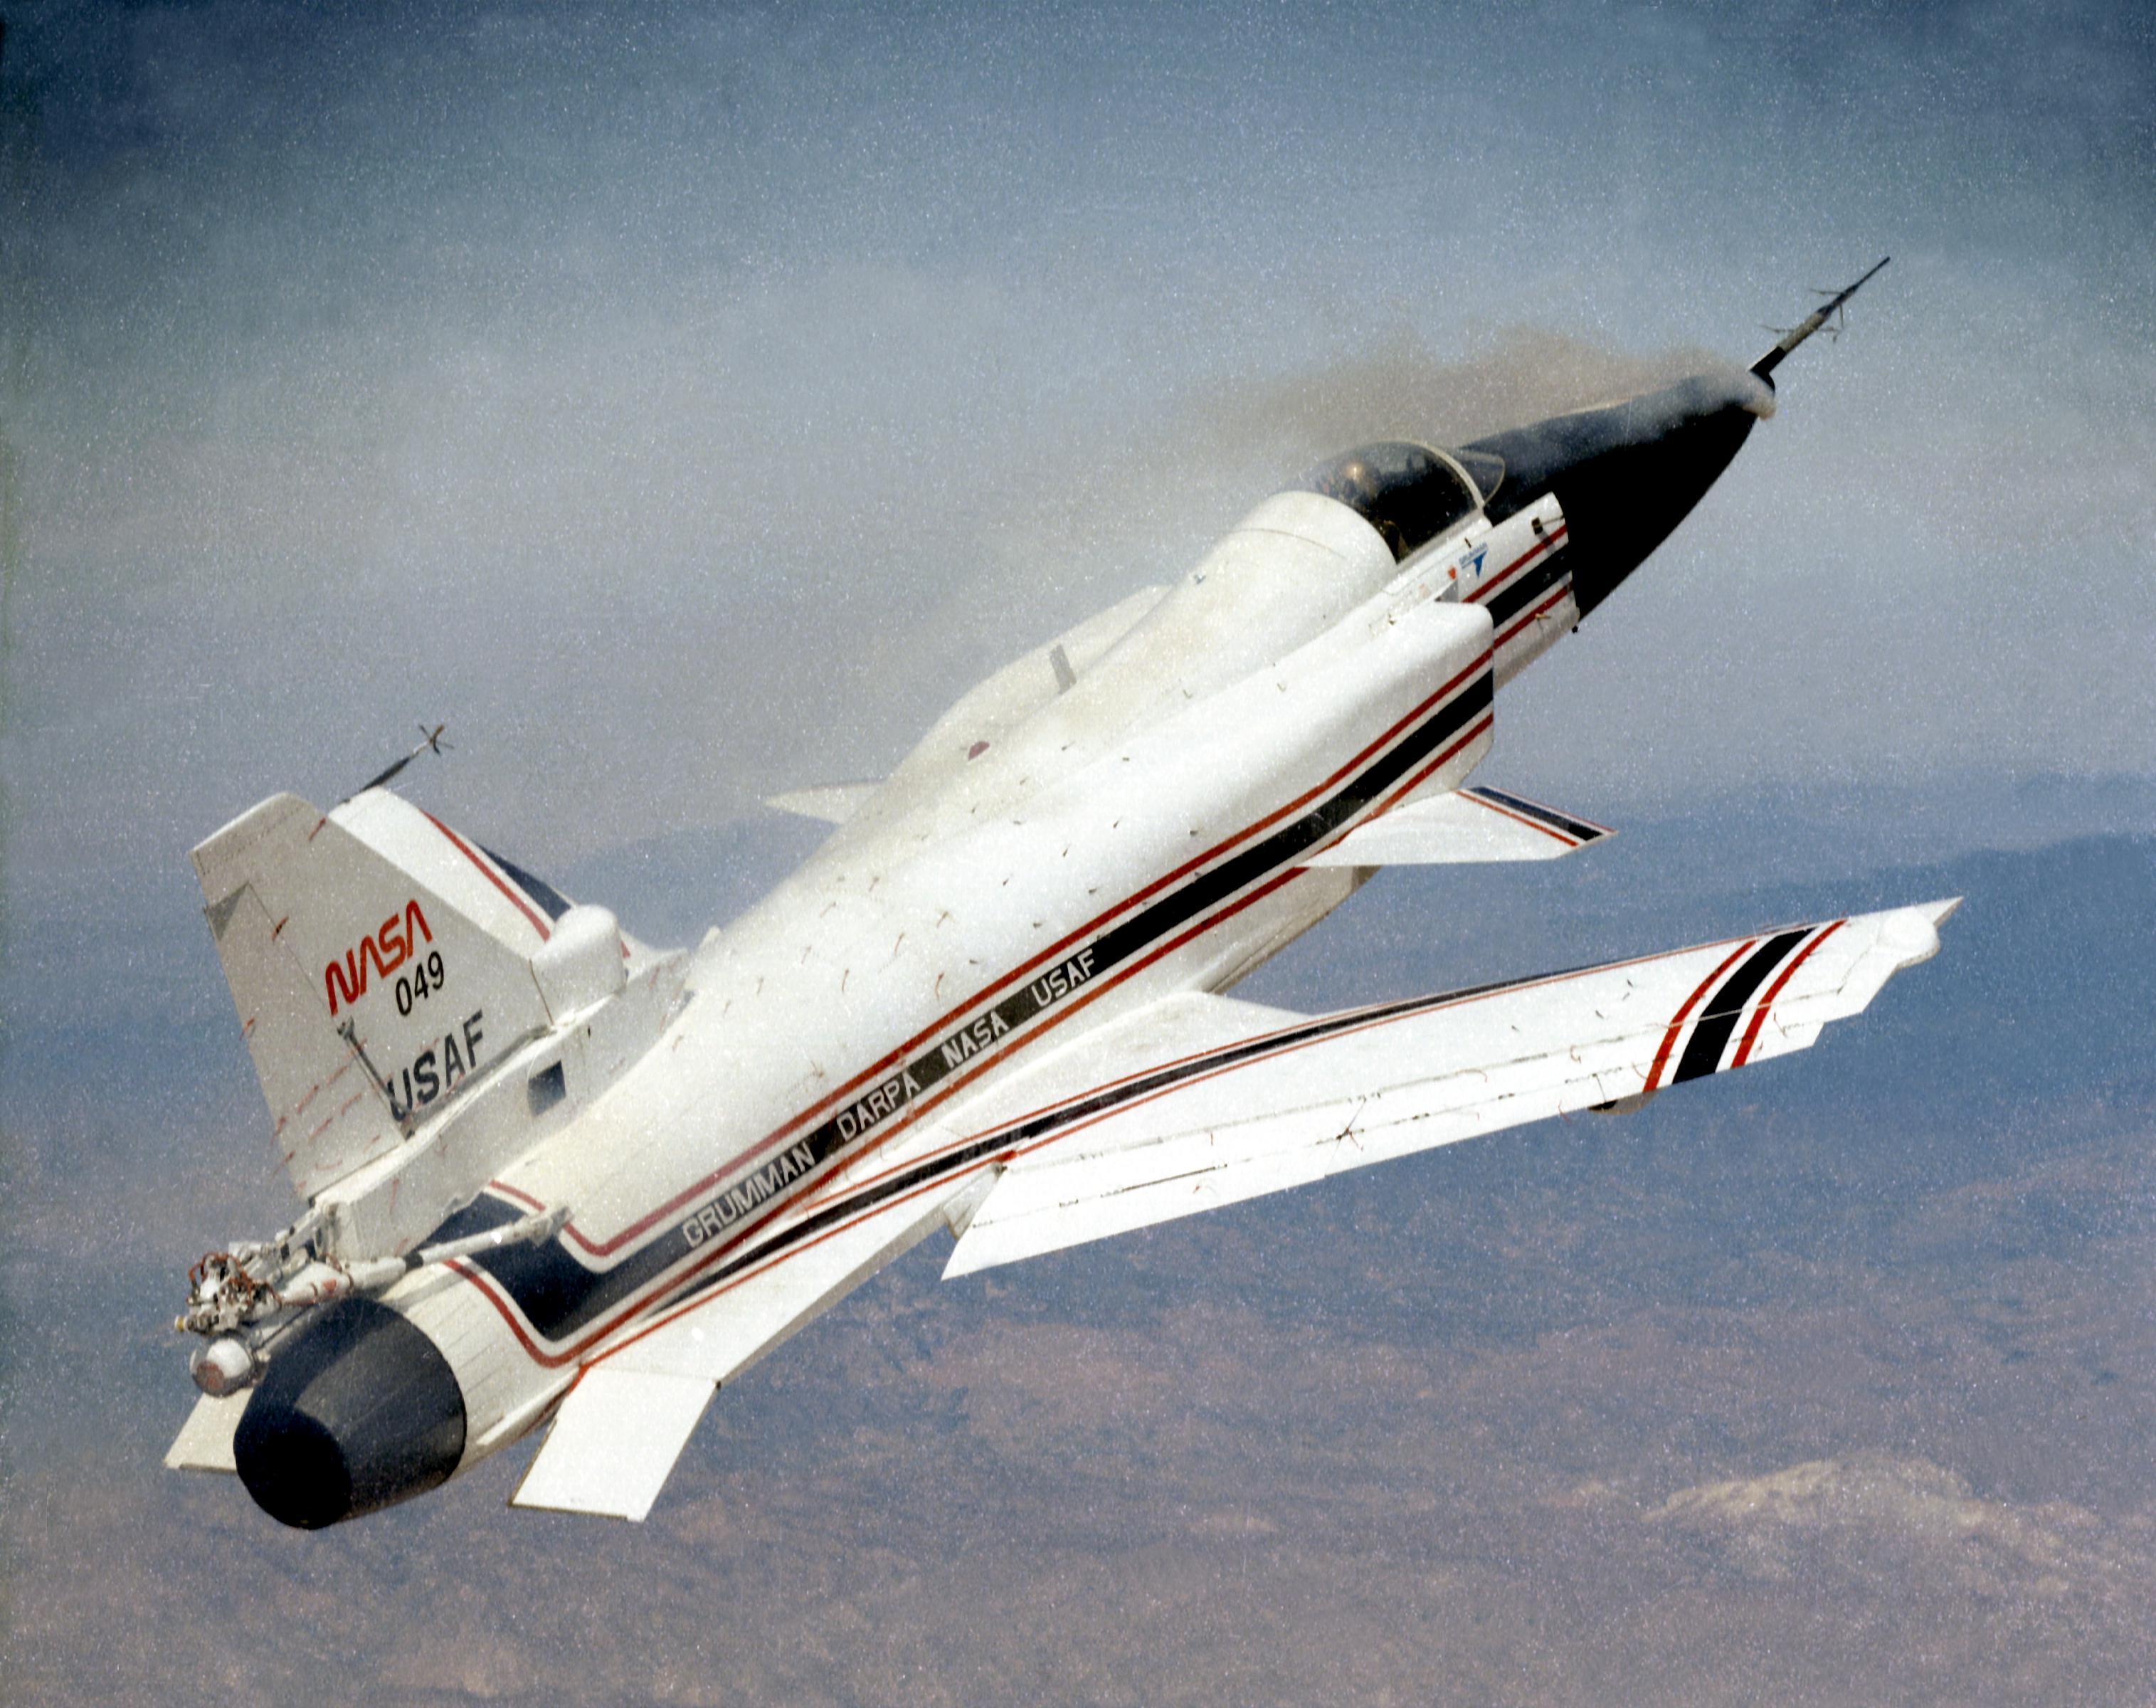 X-29 Undergoing Forebody Vortex Flow Tests | NASA